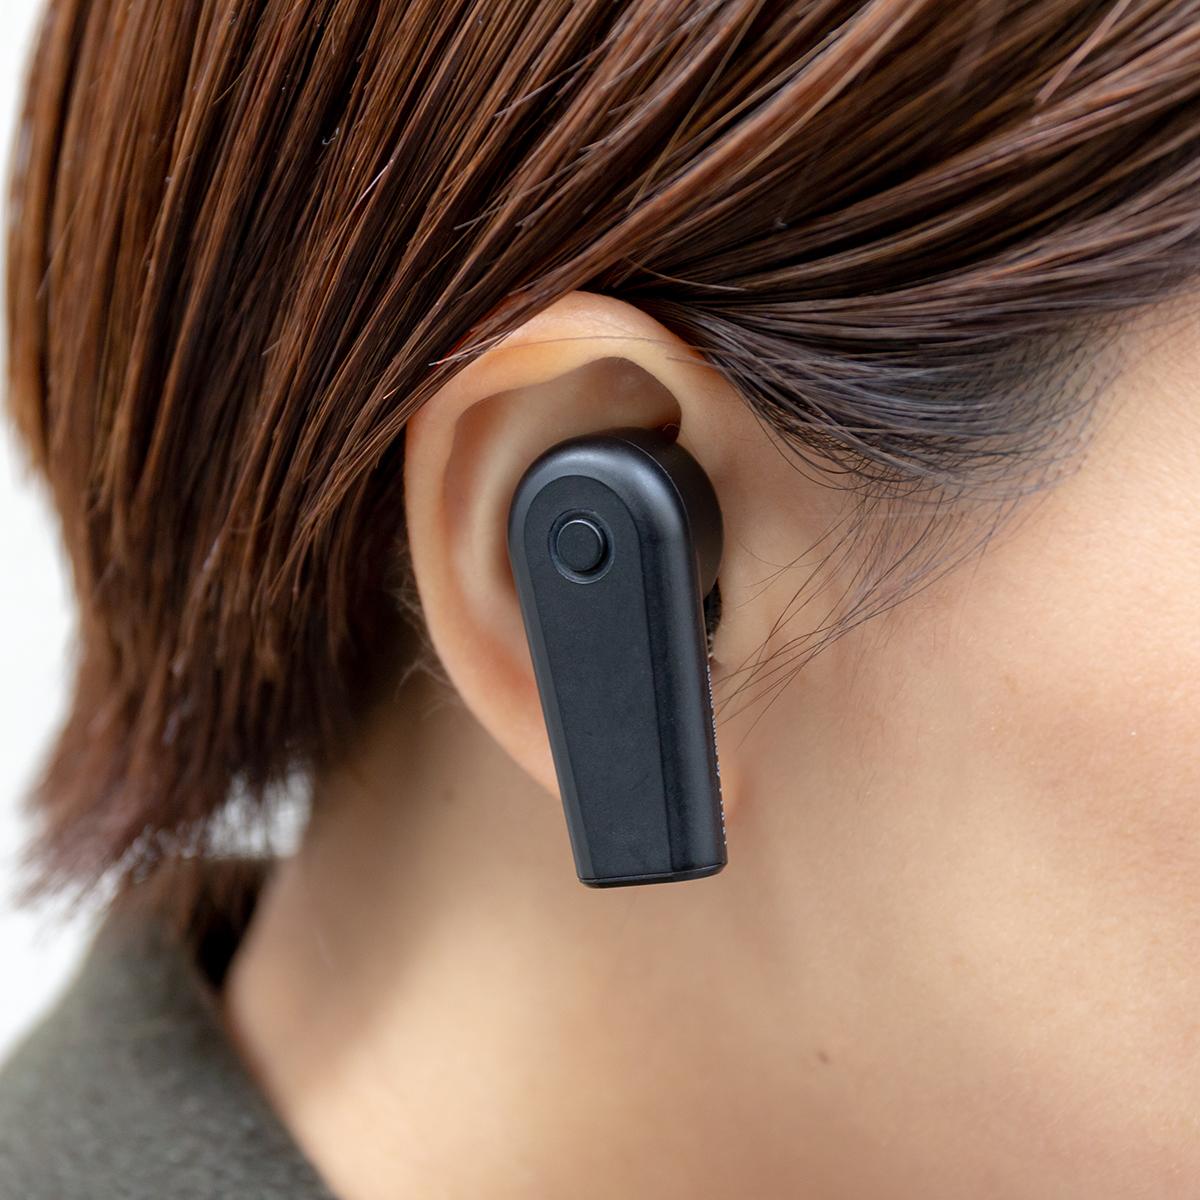 着けっぱなしでも心地いいイヤホン。新発想!耳から落ちない、音が途切れない、20時間再生OKのワイヤレスイヤホン|FUNOHM